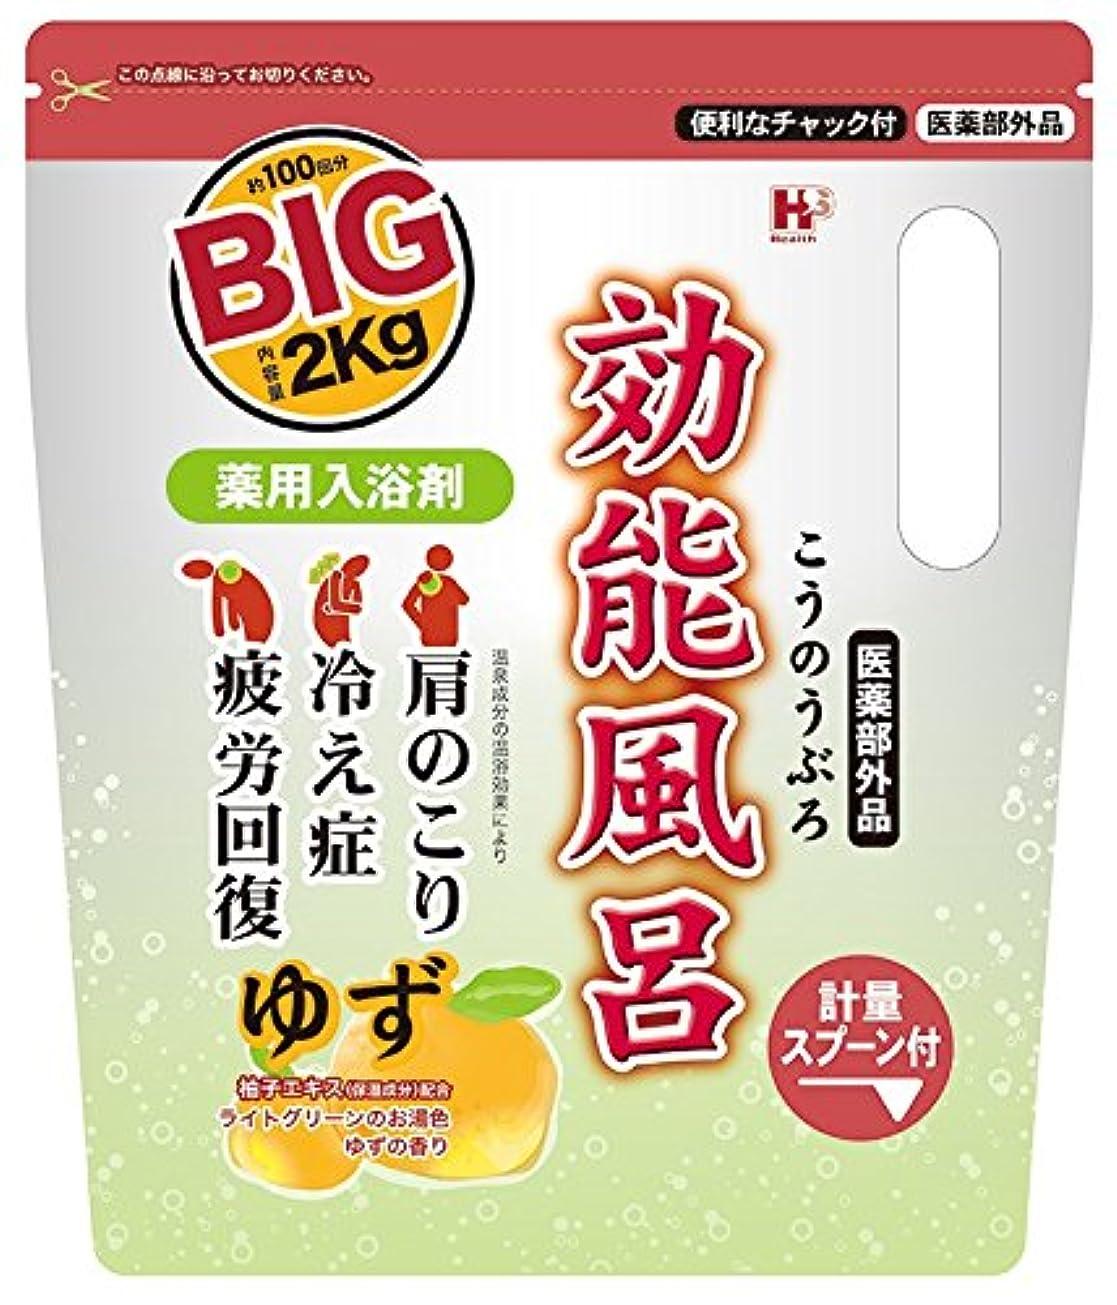 ごちそう八前文薬用入浴剤 効能風呂 ゆずの香り BIGサイズ 2kg [医薬部外品]